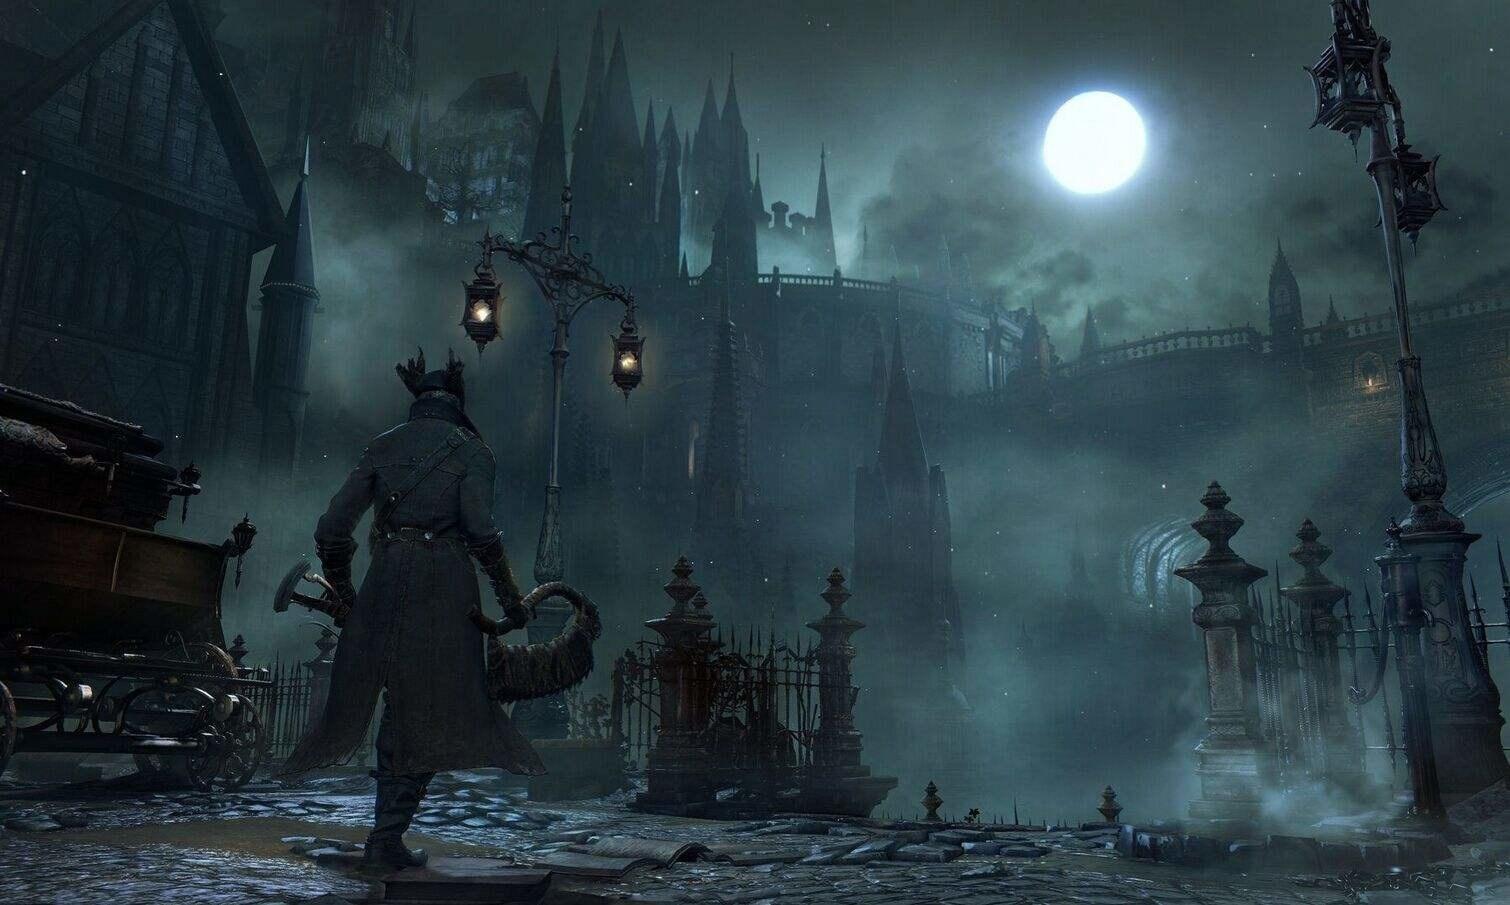 吸血鬼歷史探祕(一):哥特風格與烏佩裡傳說